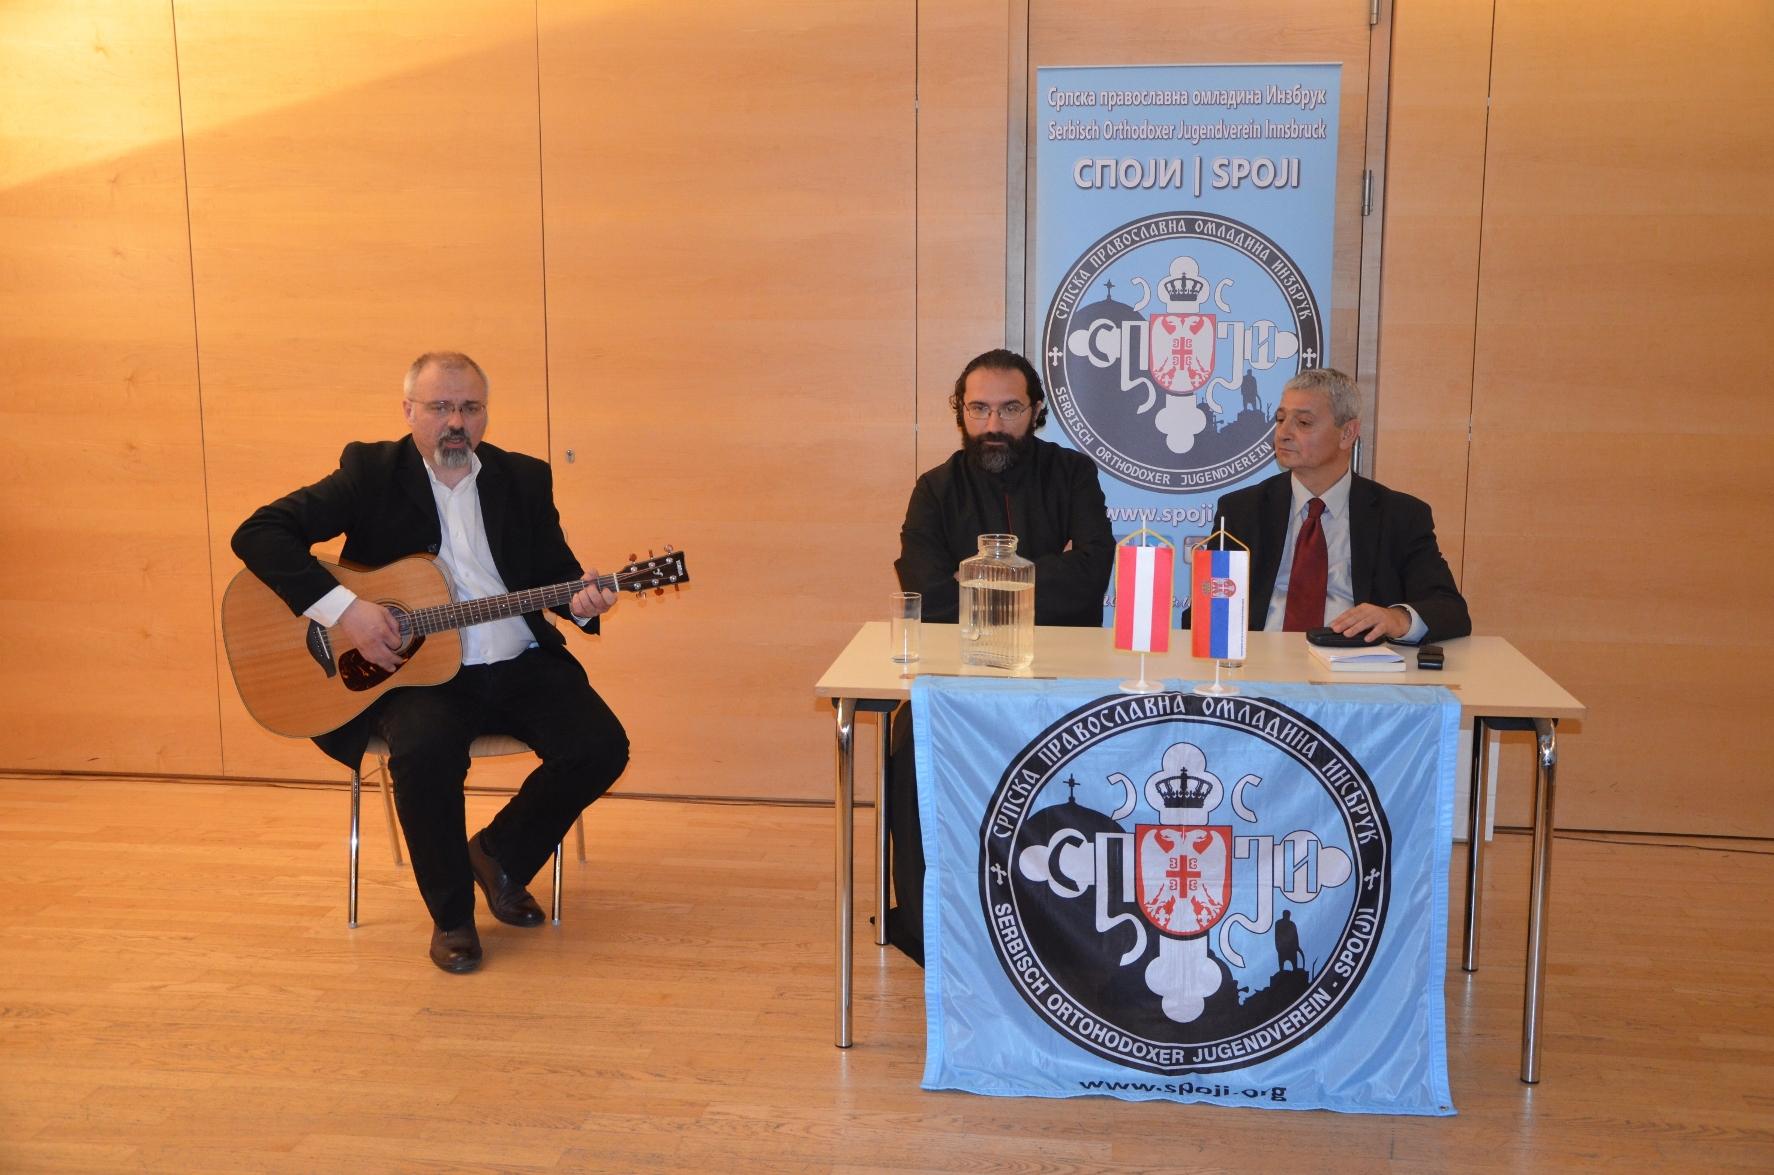 - Nebojša Mastilović tokom izvođenja jedne od njegovih solističkih numera -